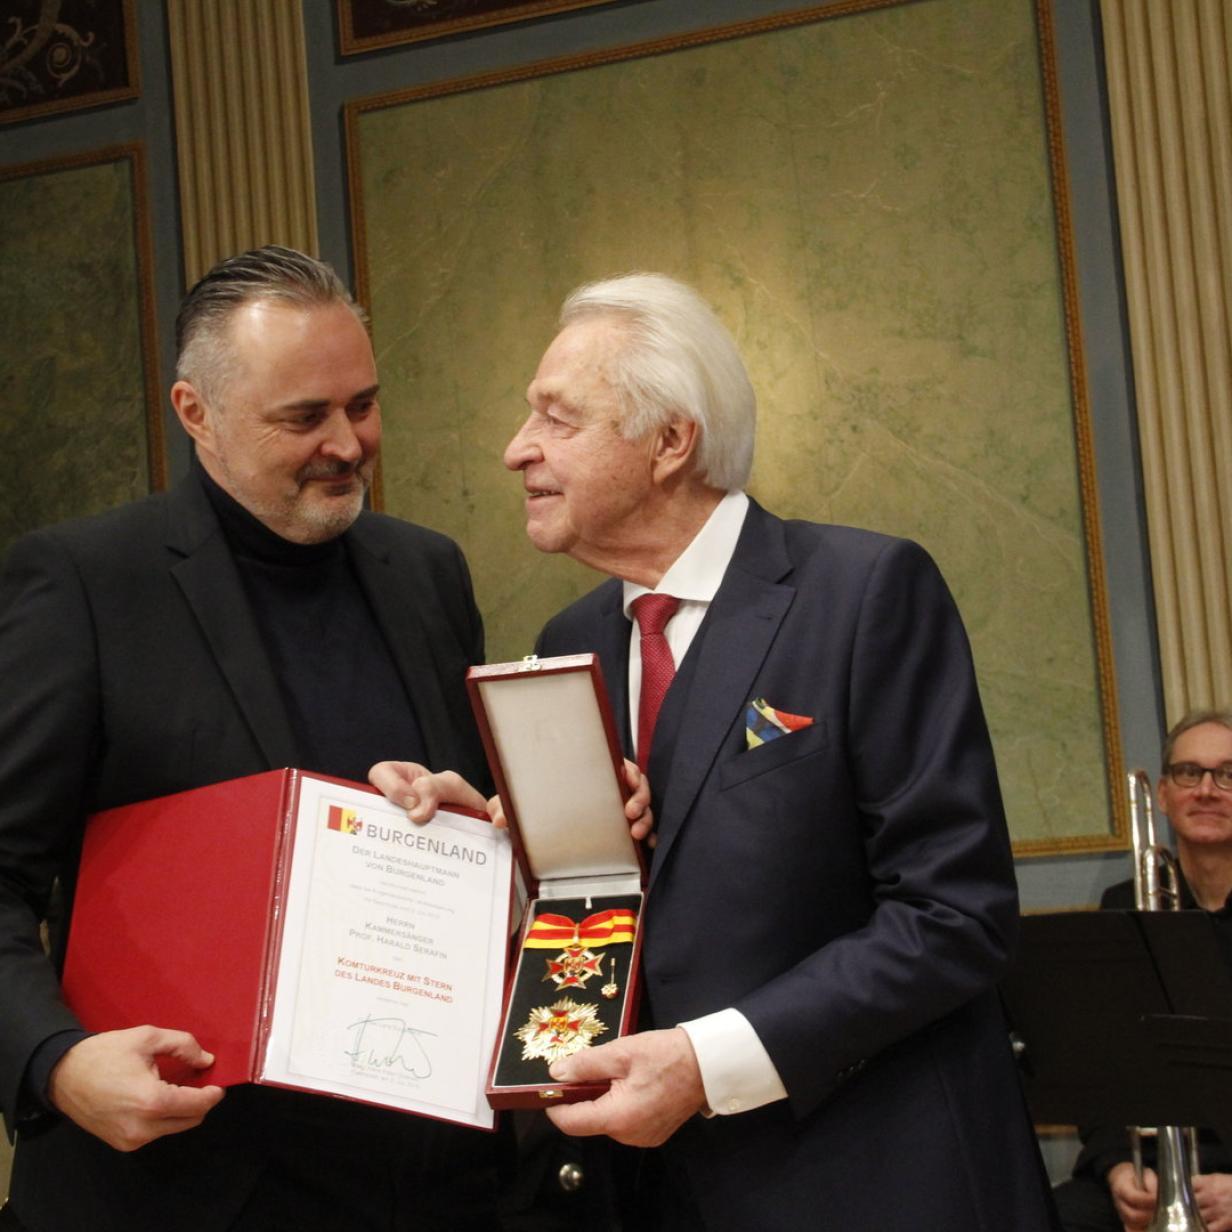 Harald Serafin erhielt burgenländisches Komturkreuz mit Stern